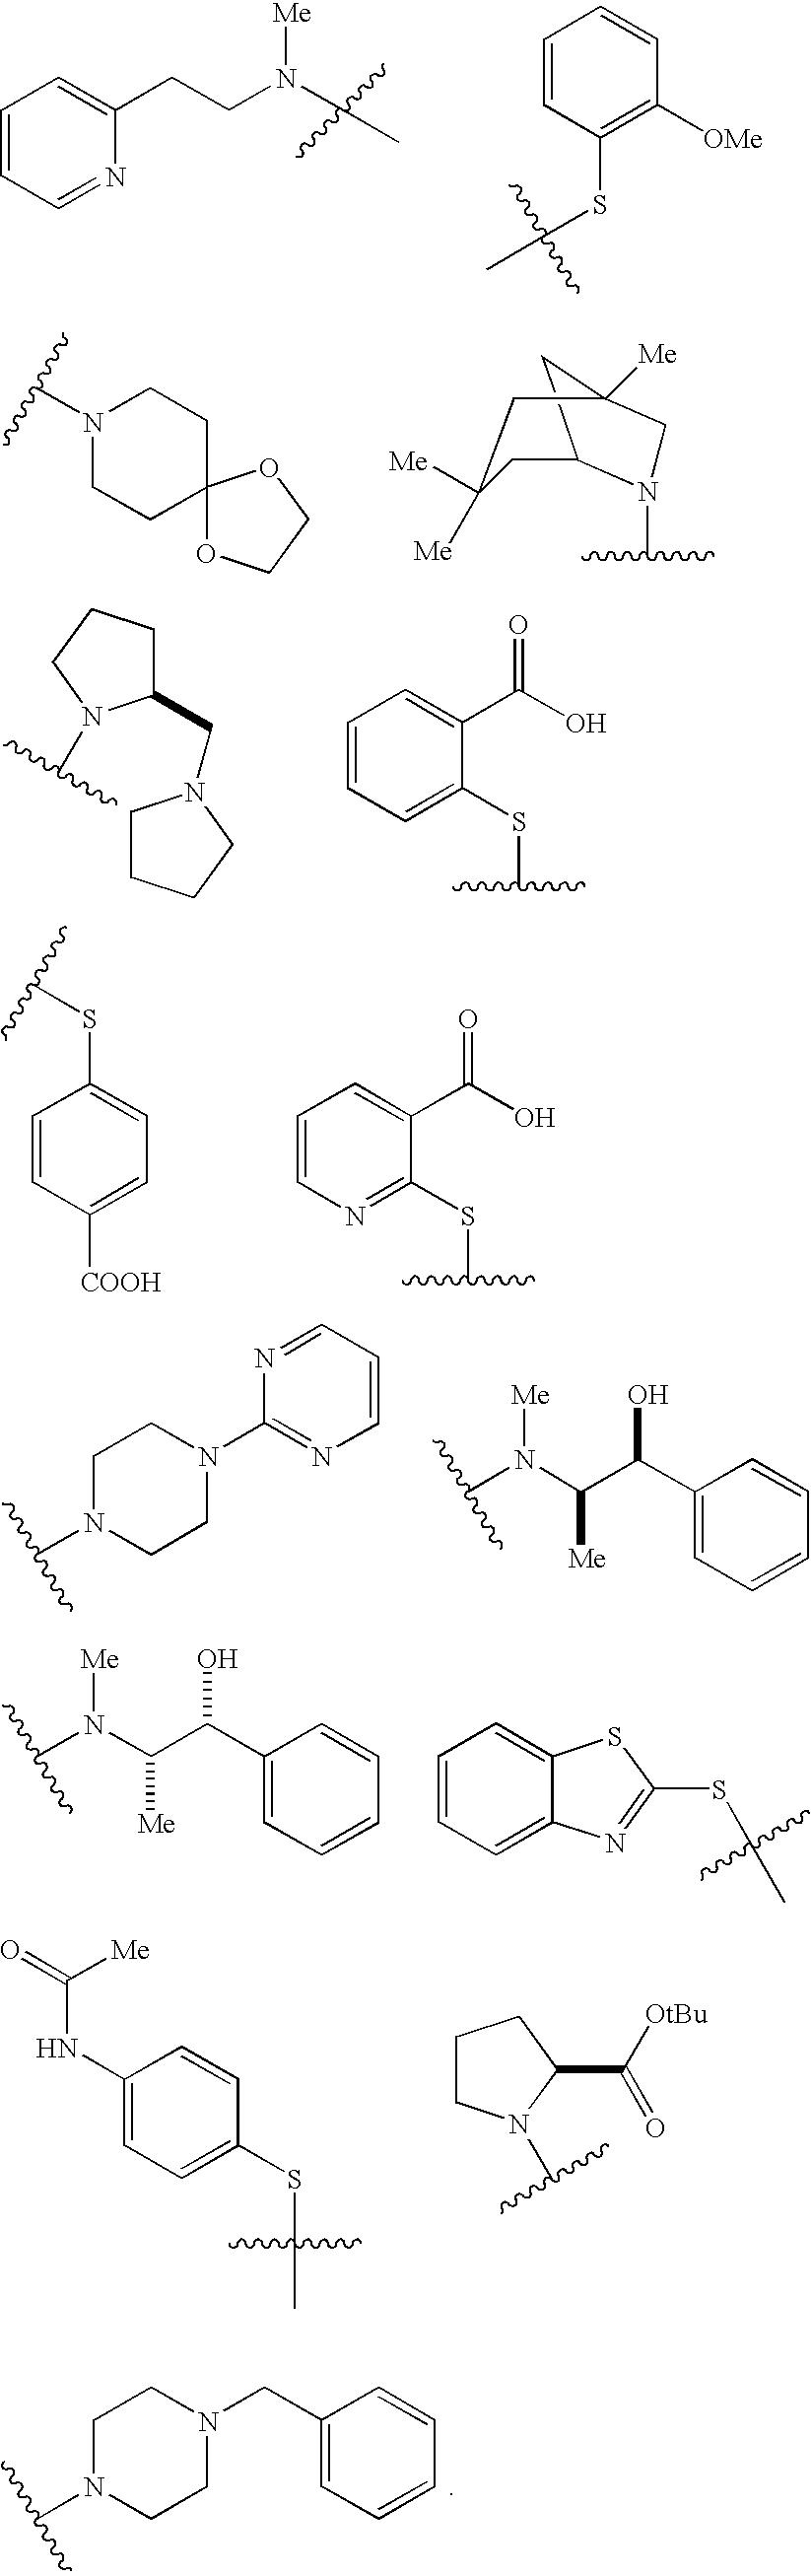 Figure US07244853-20070717-C00146